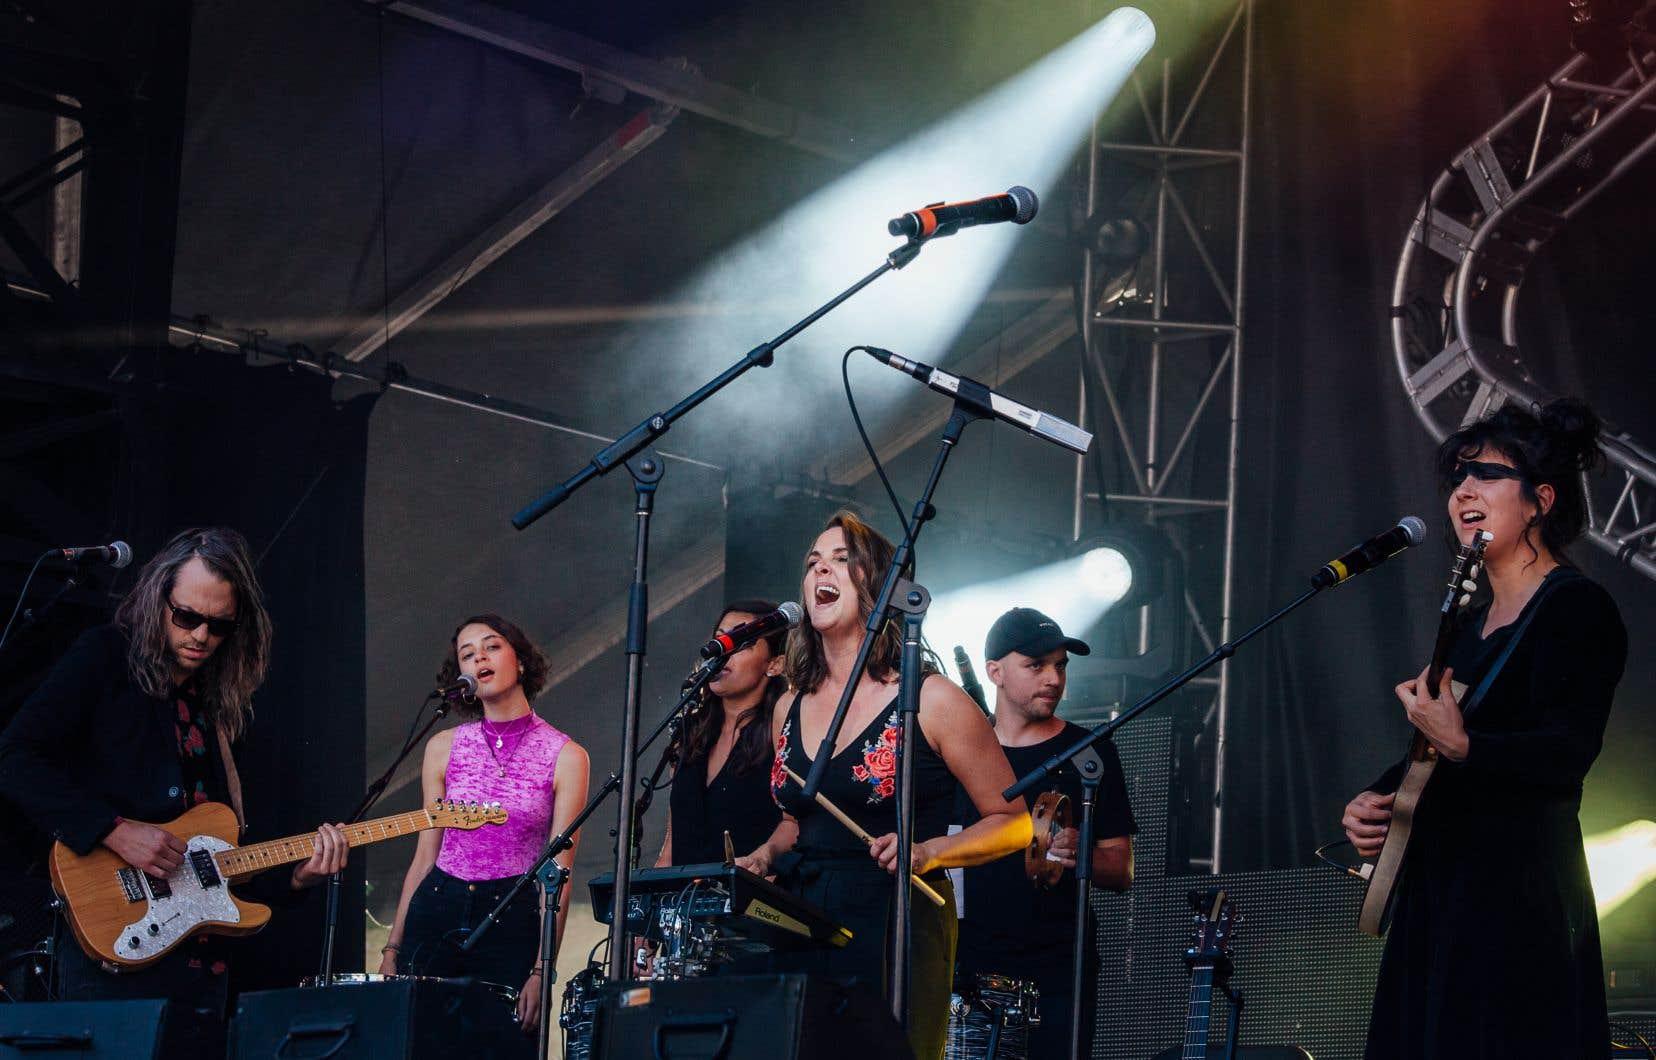 Dès le départ, tous étaient sur scène, et dès les premières notes de guitare pleines de réverbération de Laura Cahen, les sept autres entonnaient les «ah ah» d'une même voix.